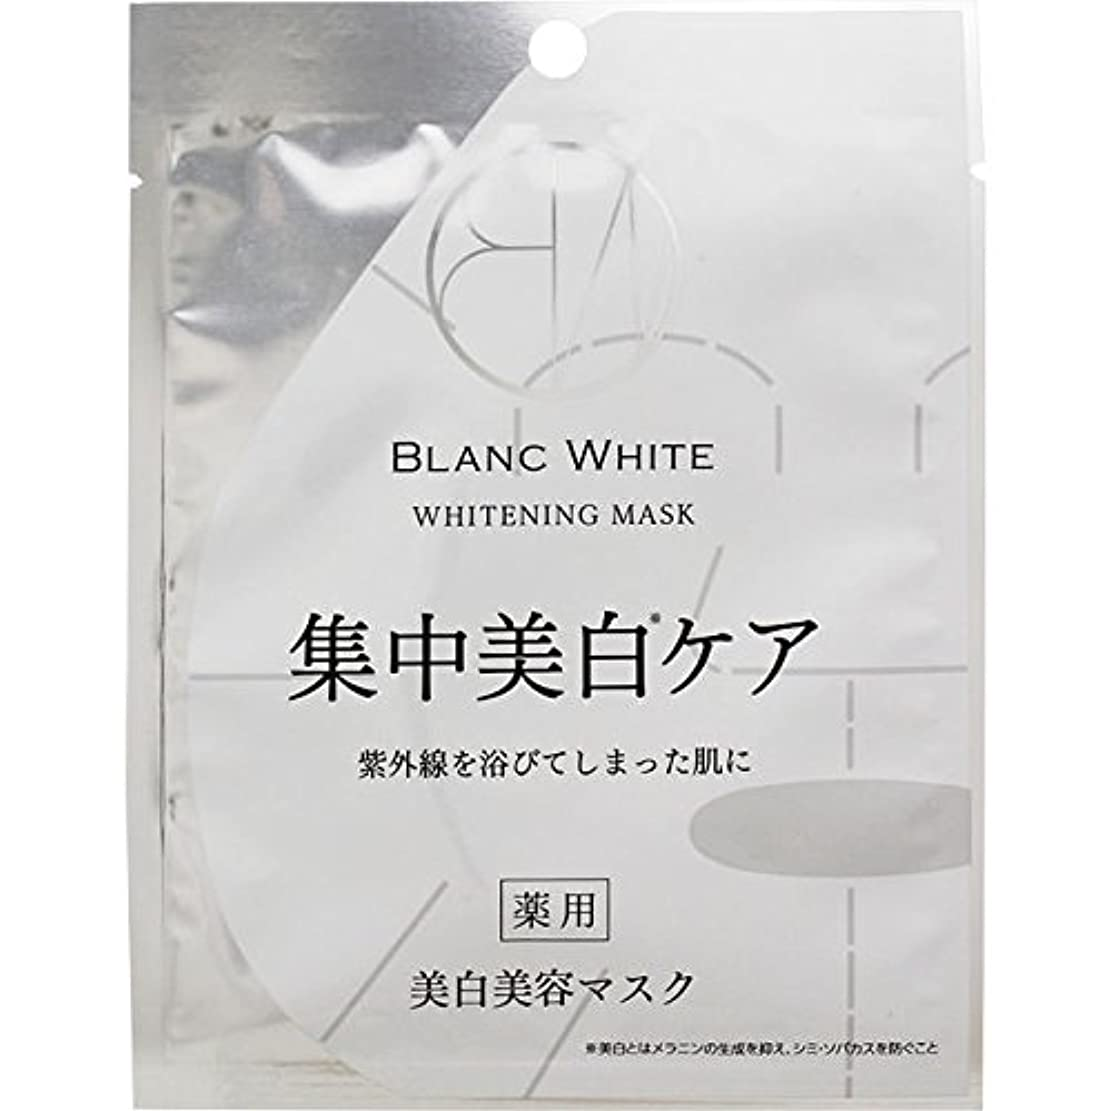 どれか断片ハブブブランホワイト ホワイトニングマスク 1枚【21ml】 (医薬部外品)